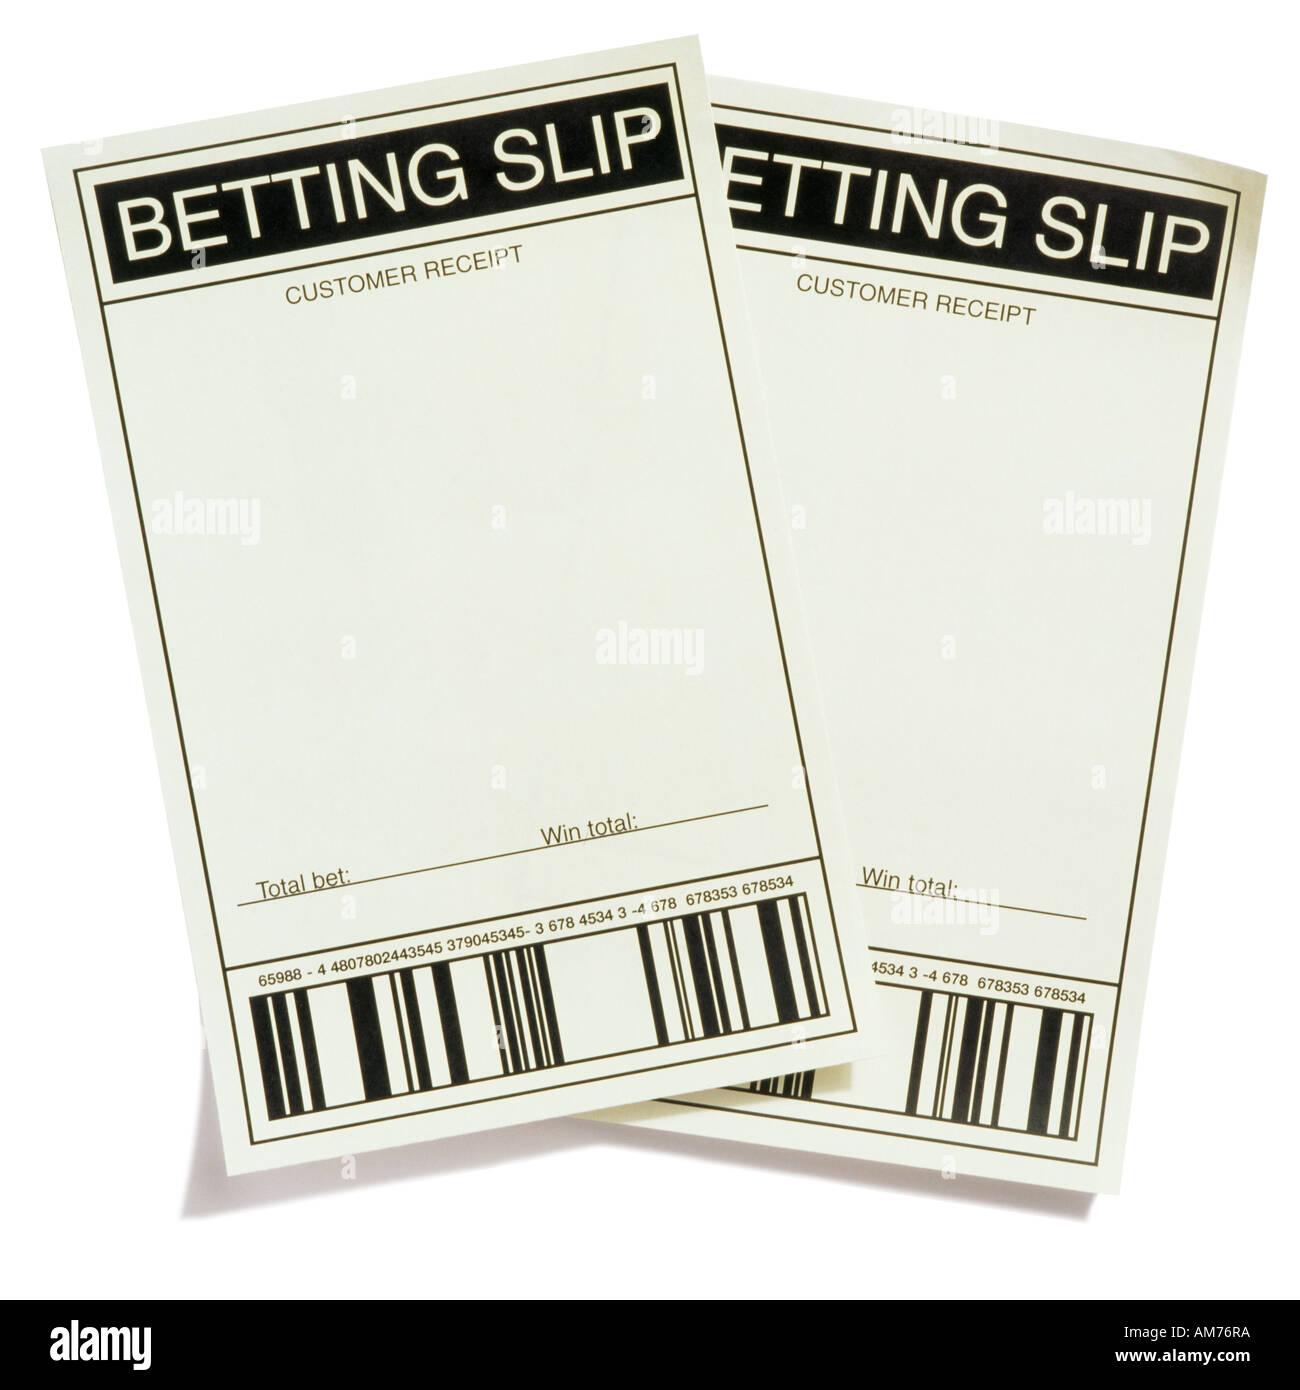 Betting slip images savenergy nicosia betting